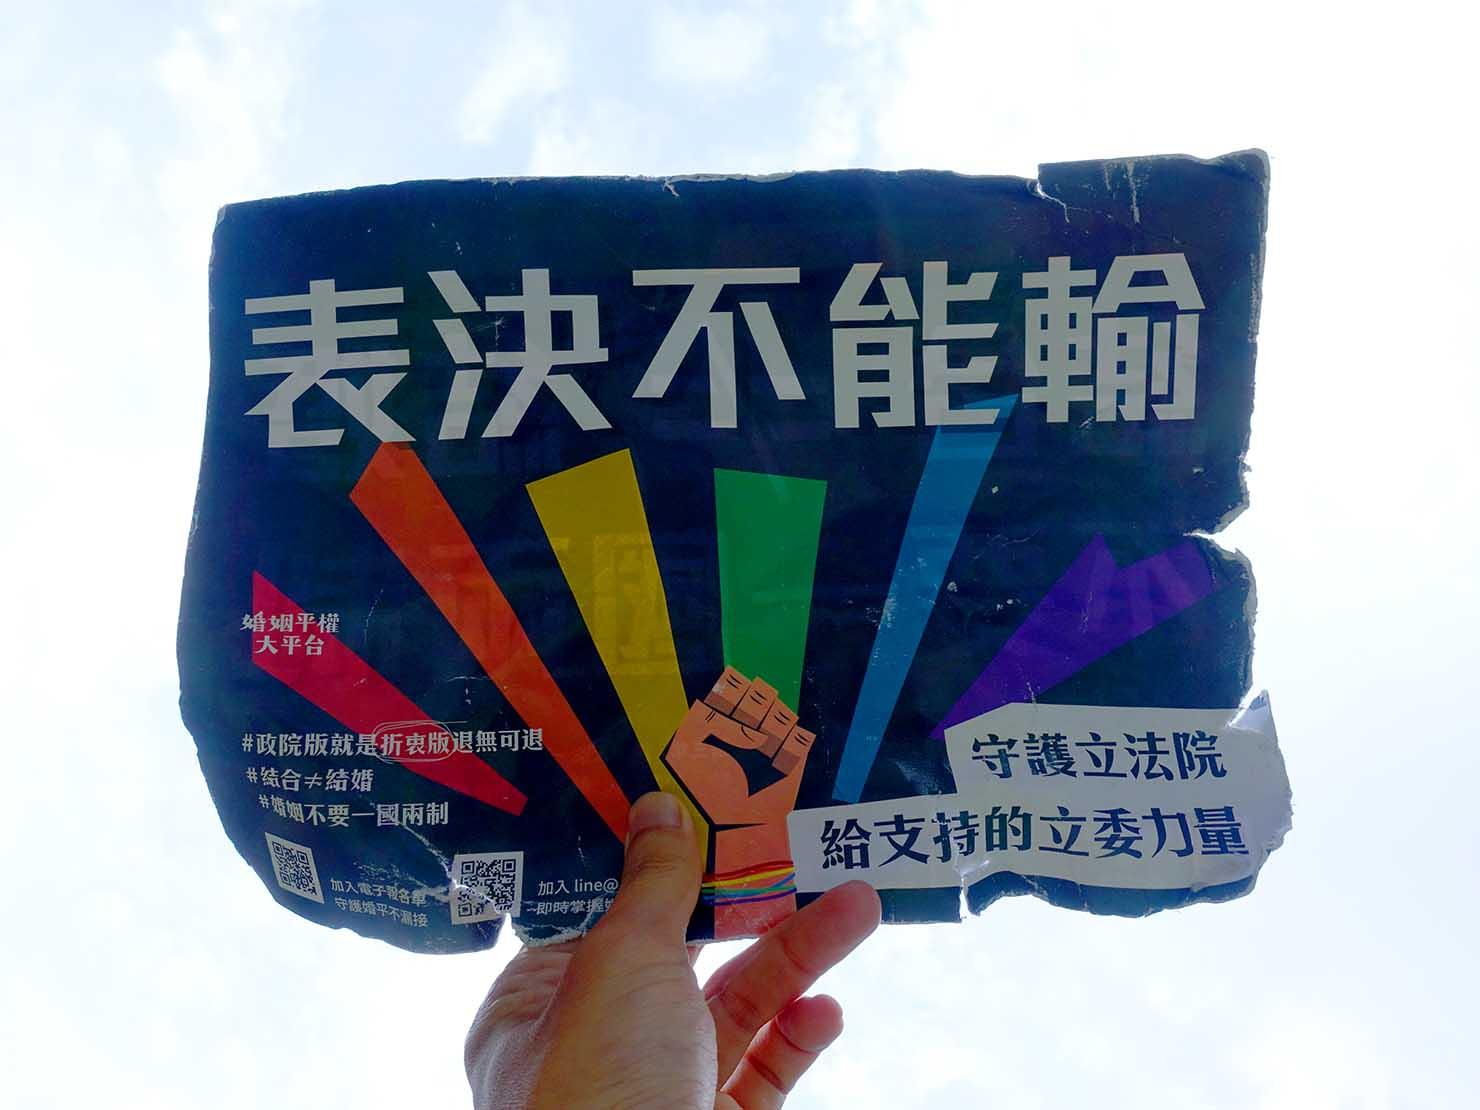 2019年5月17日、台湾同性婚実現の日に配られたフライヤー